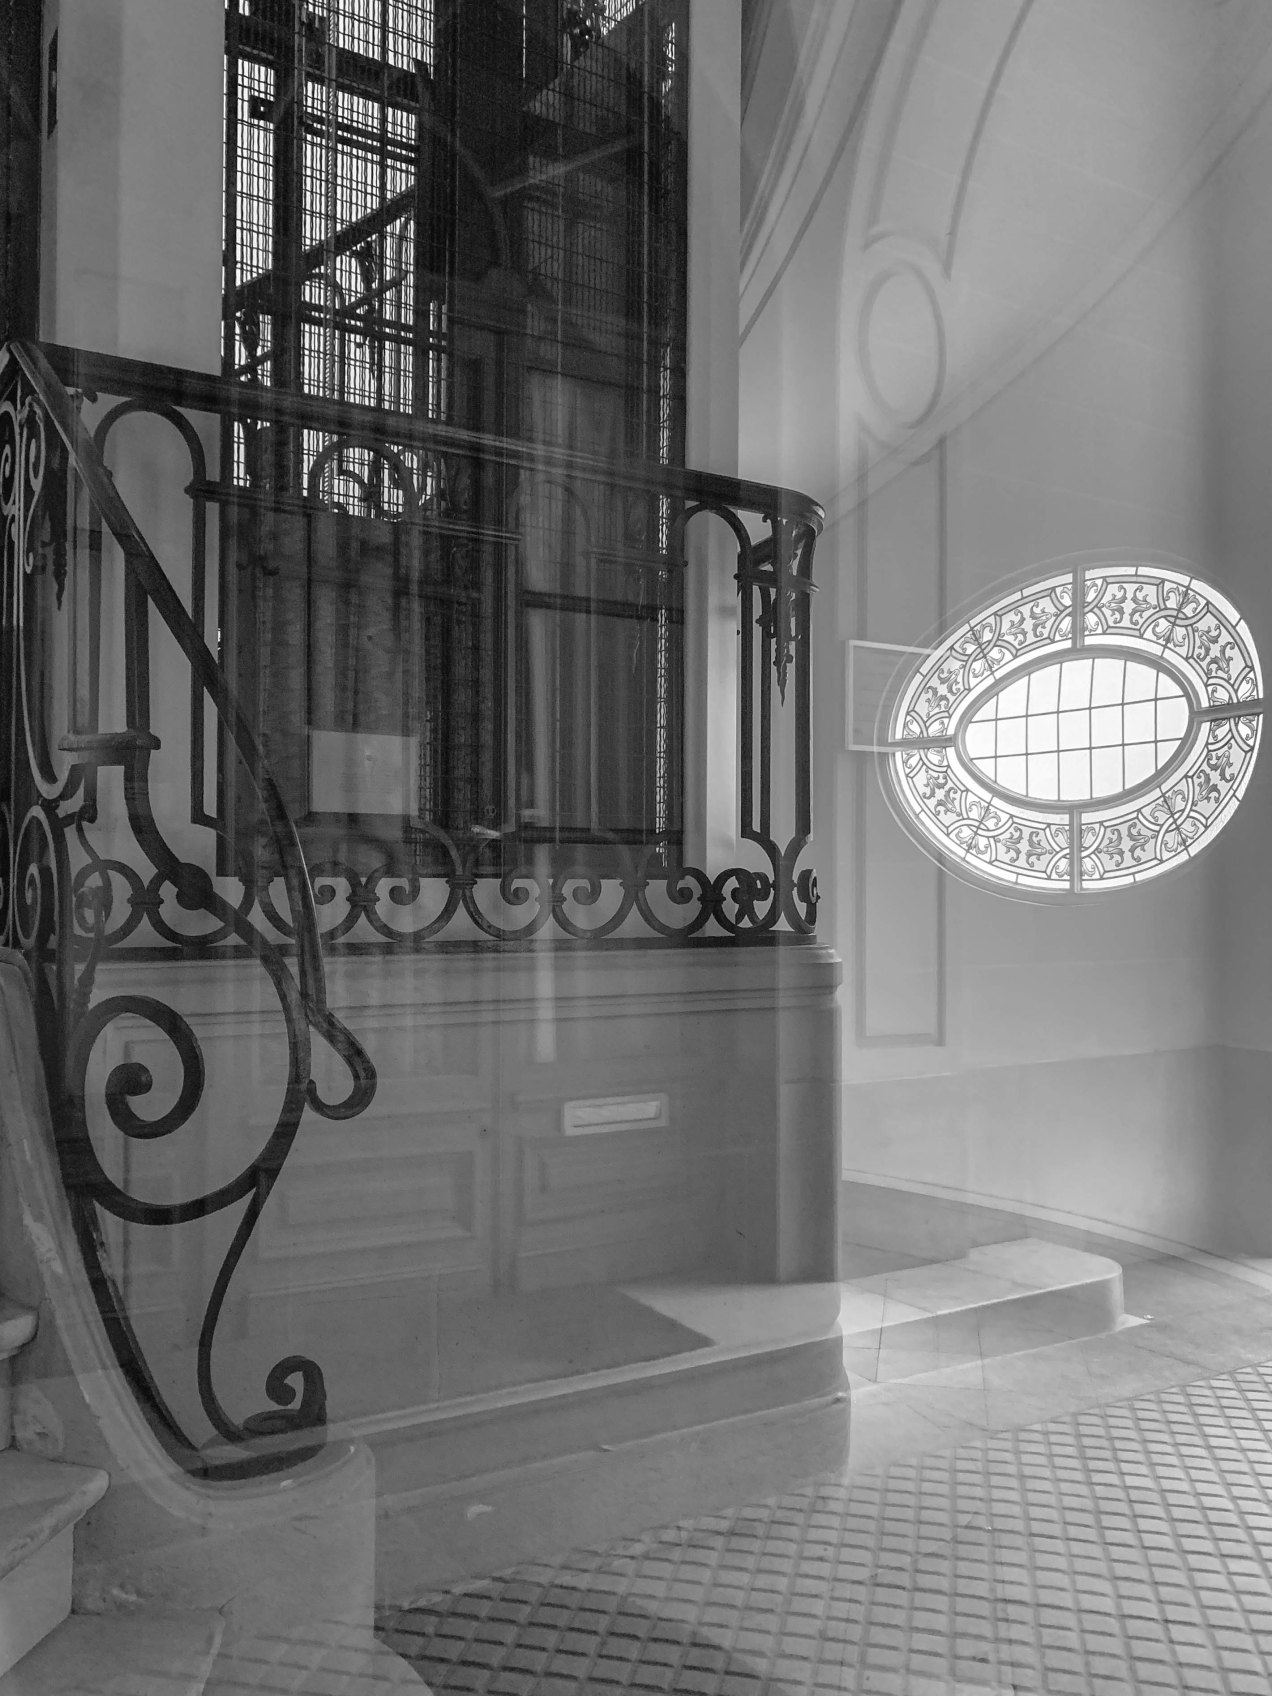 Porche d'entrée., rue Vaugirard, Paris, gildalliere, 2018